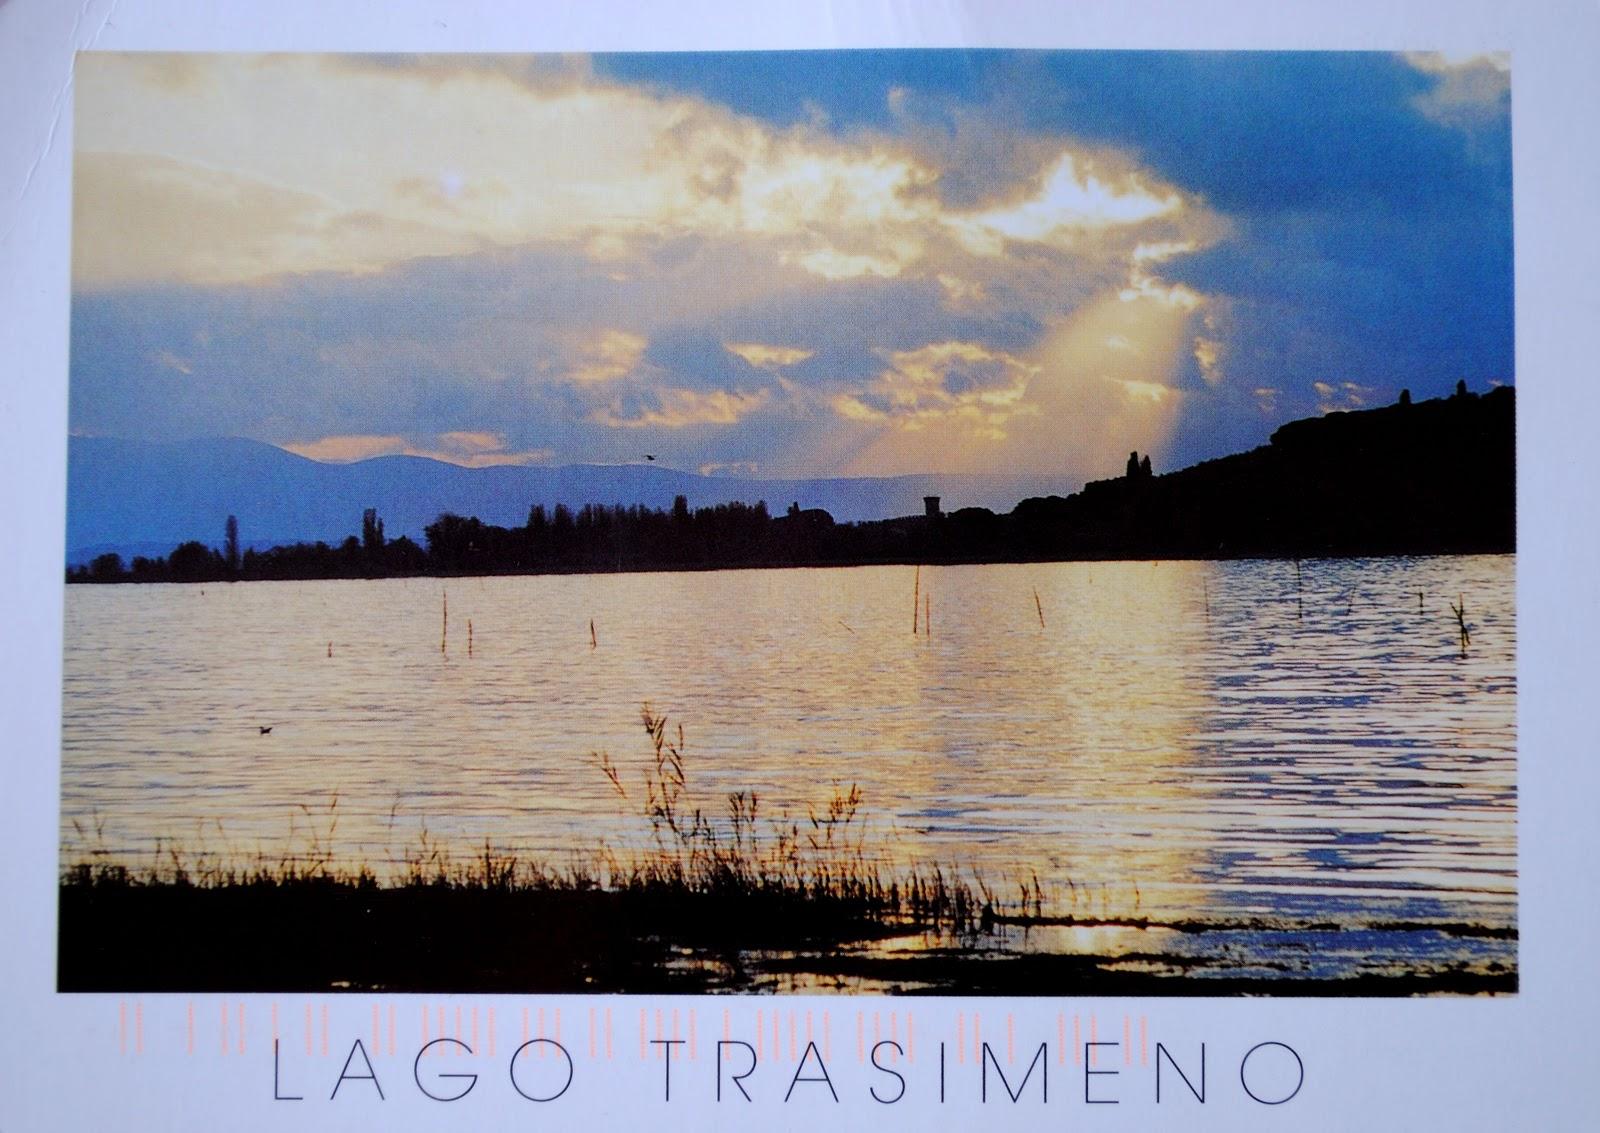 jezioro trazimeńskie włochy